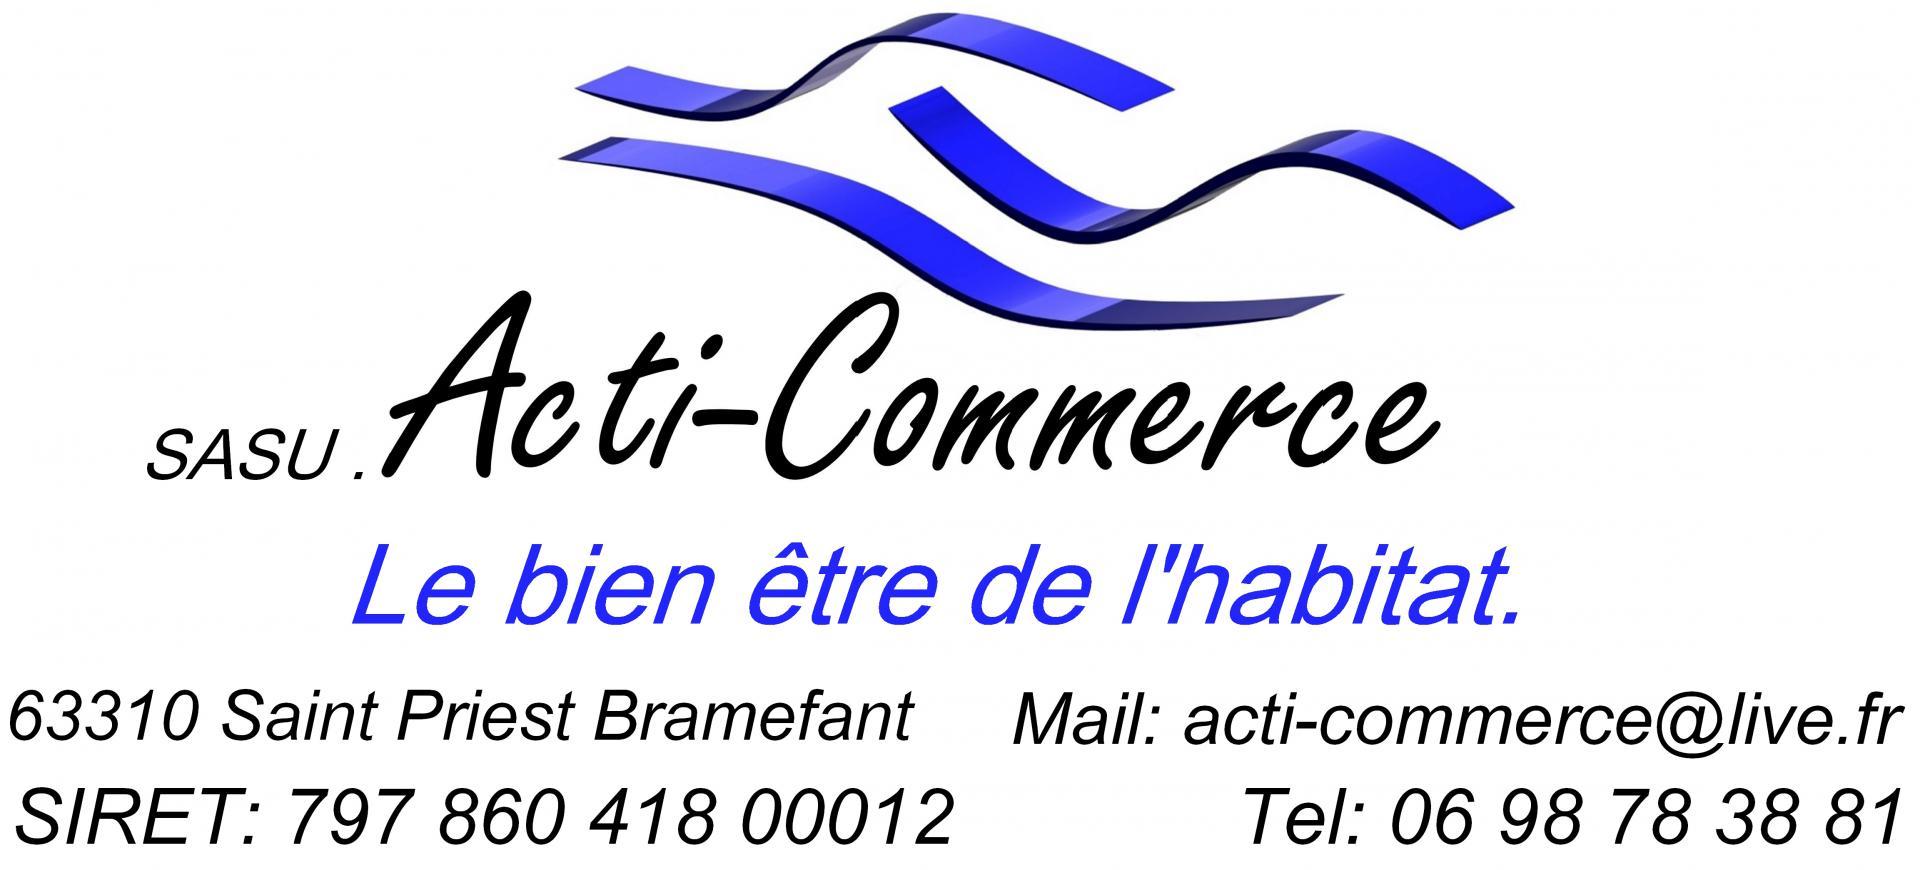 La gamme Acti-Commerce